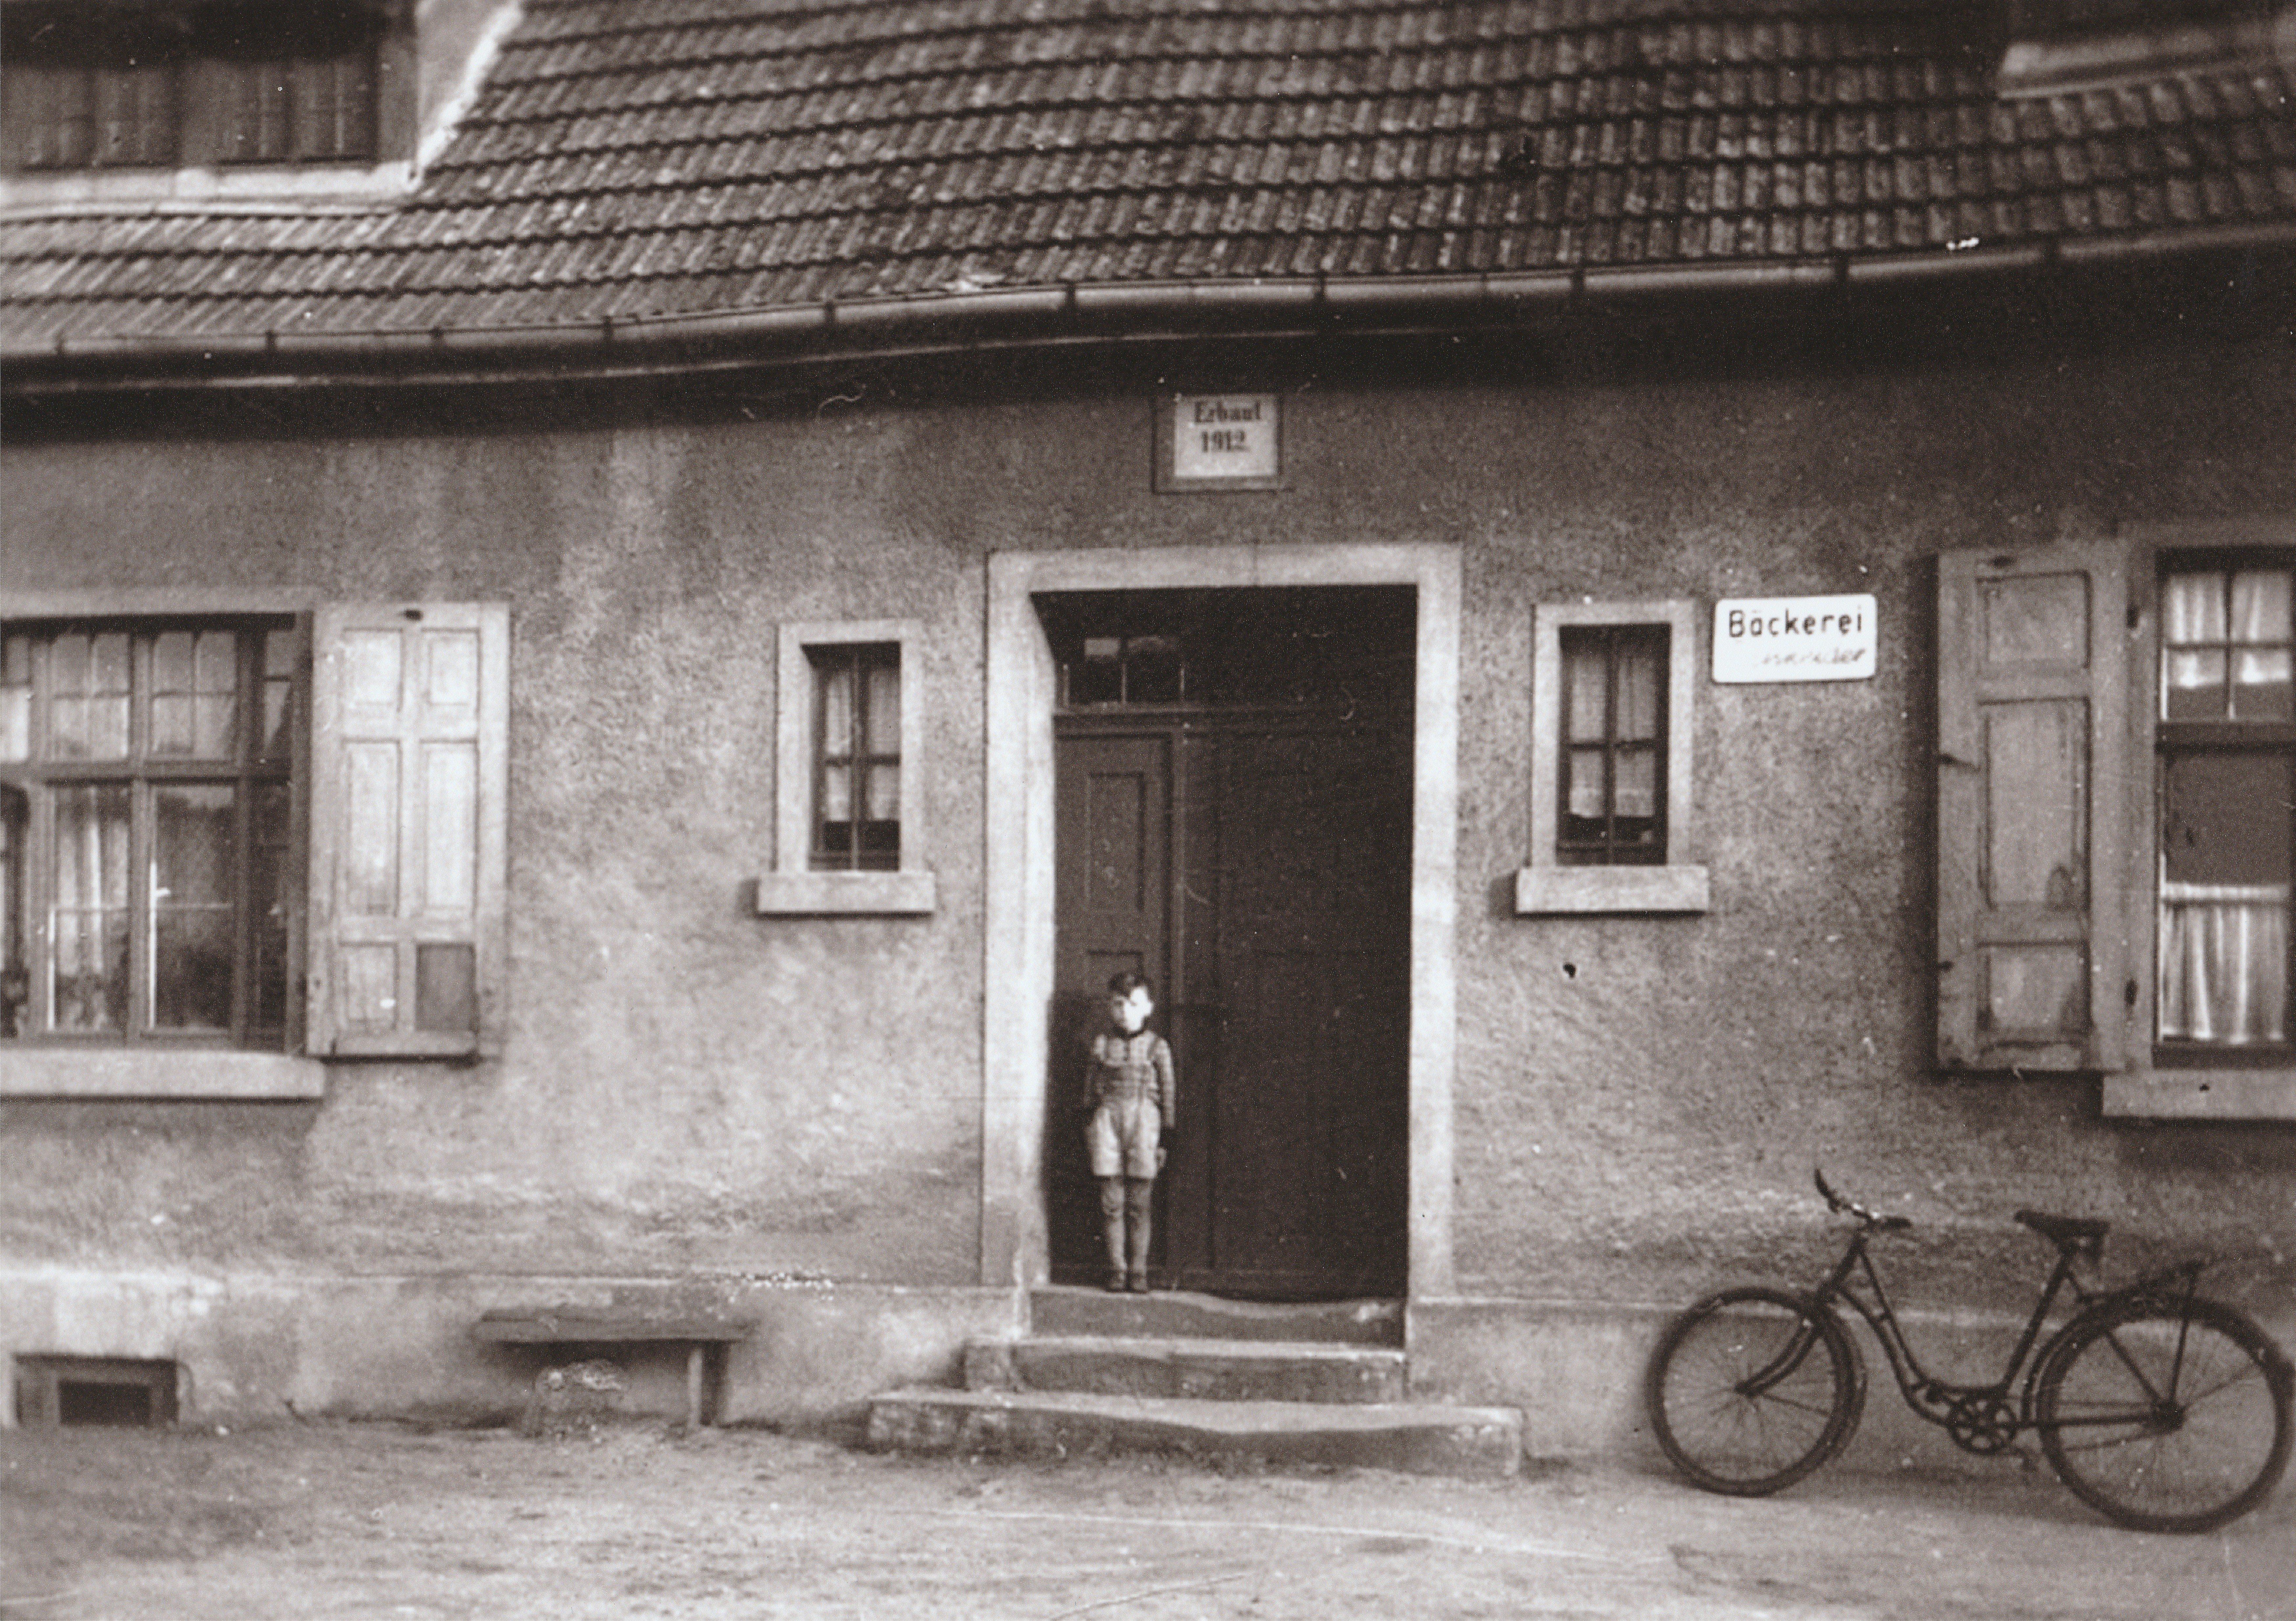 Hier ist das Erbauungsdatum der Bäckerei 1912 zu erkennen. Die Aufnahme enstand 1960 - In der Tür steht Gerhard Schneider, Sohn des damaligen Bäckermeisters Rudolf Schneider